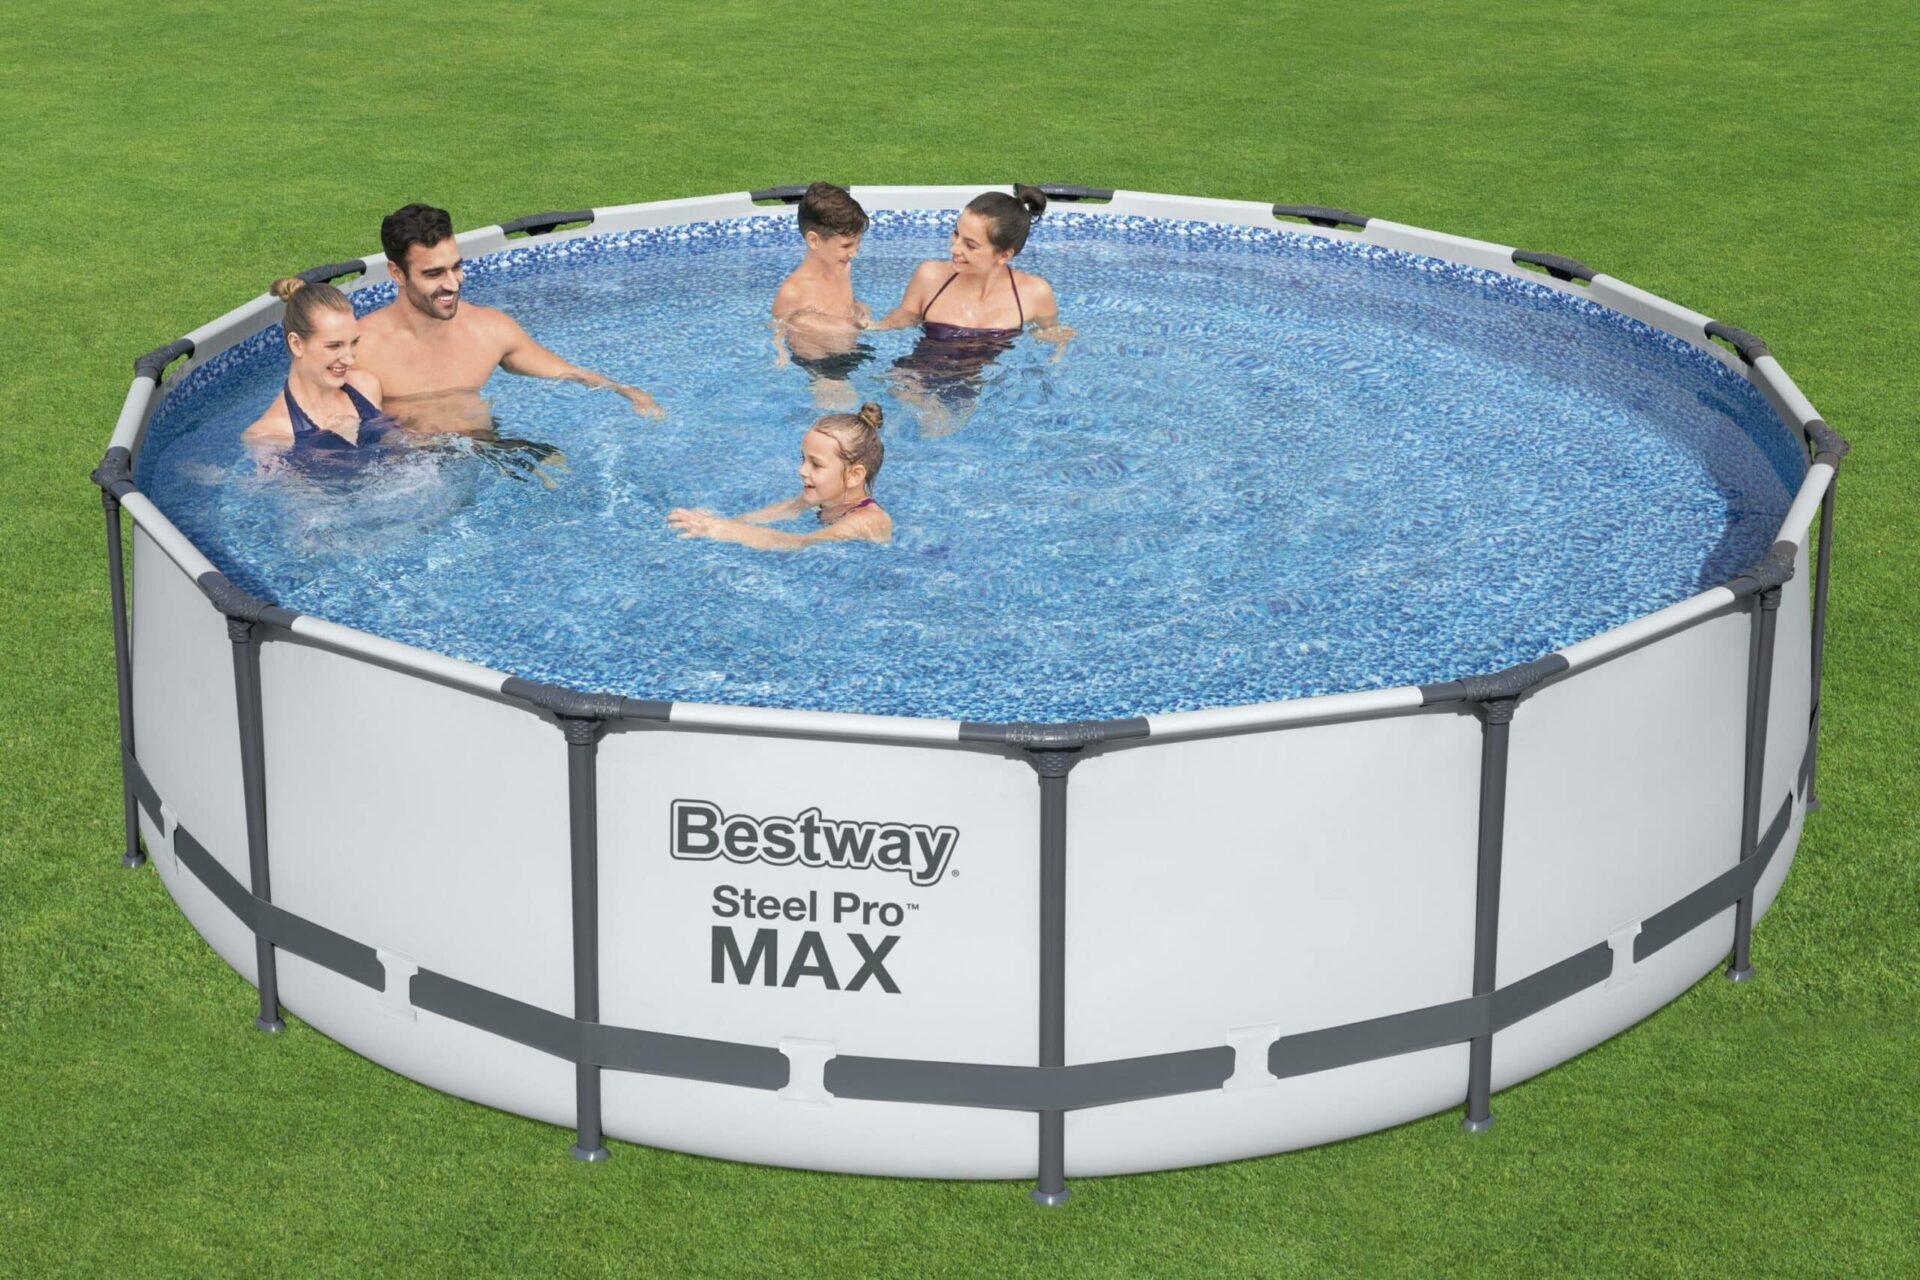 Rundt Steel Pro MAX Z2 svømmebasseng til en rimelig penge